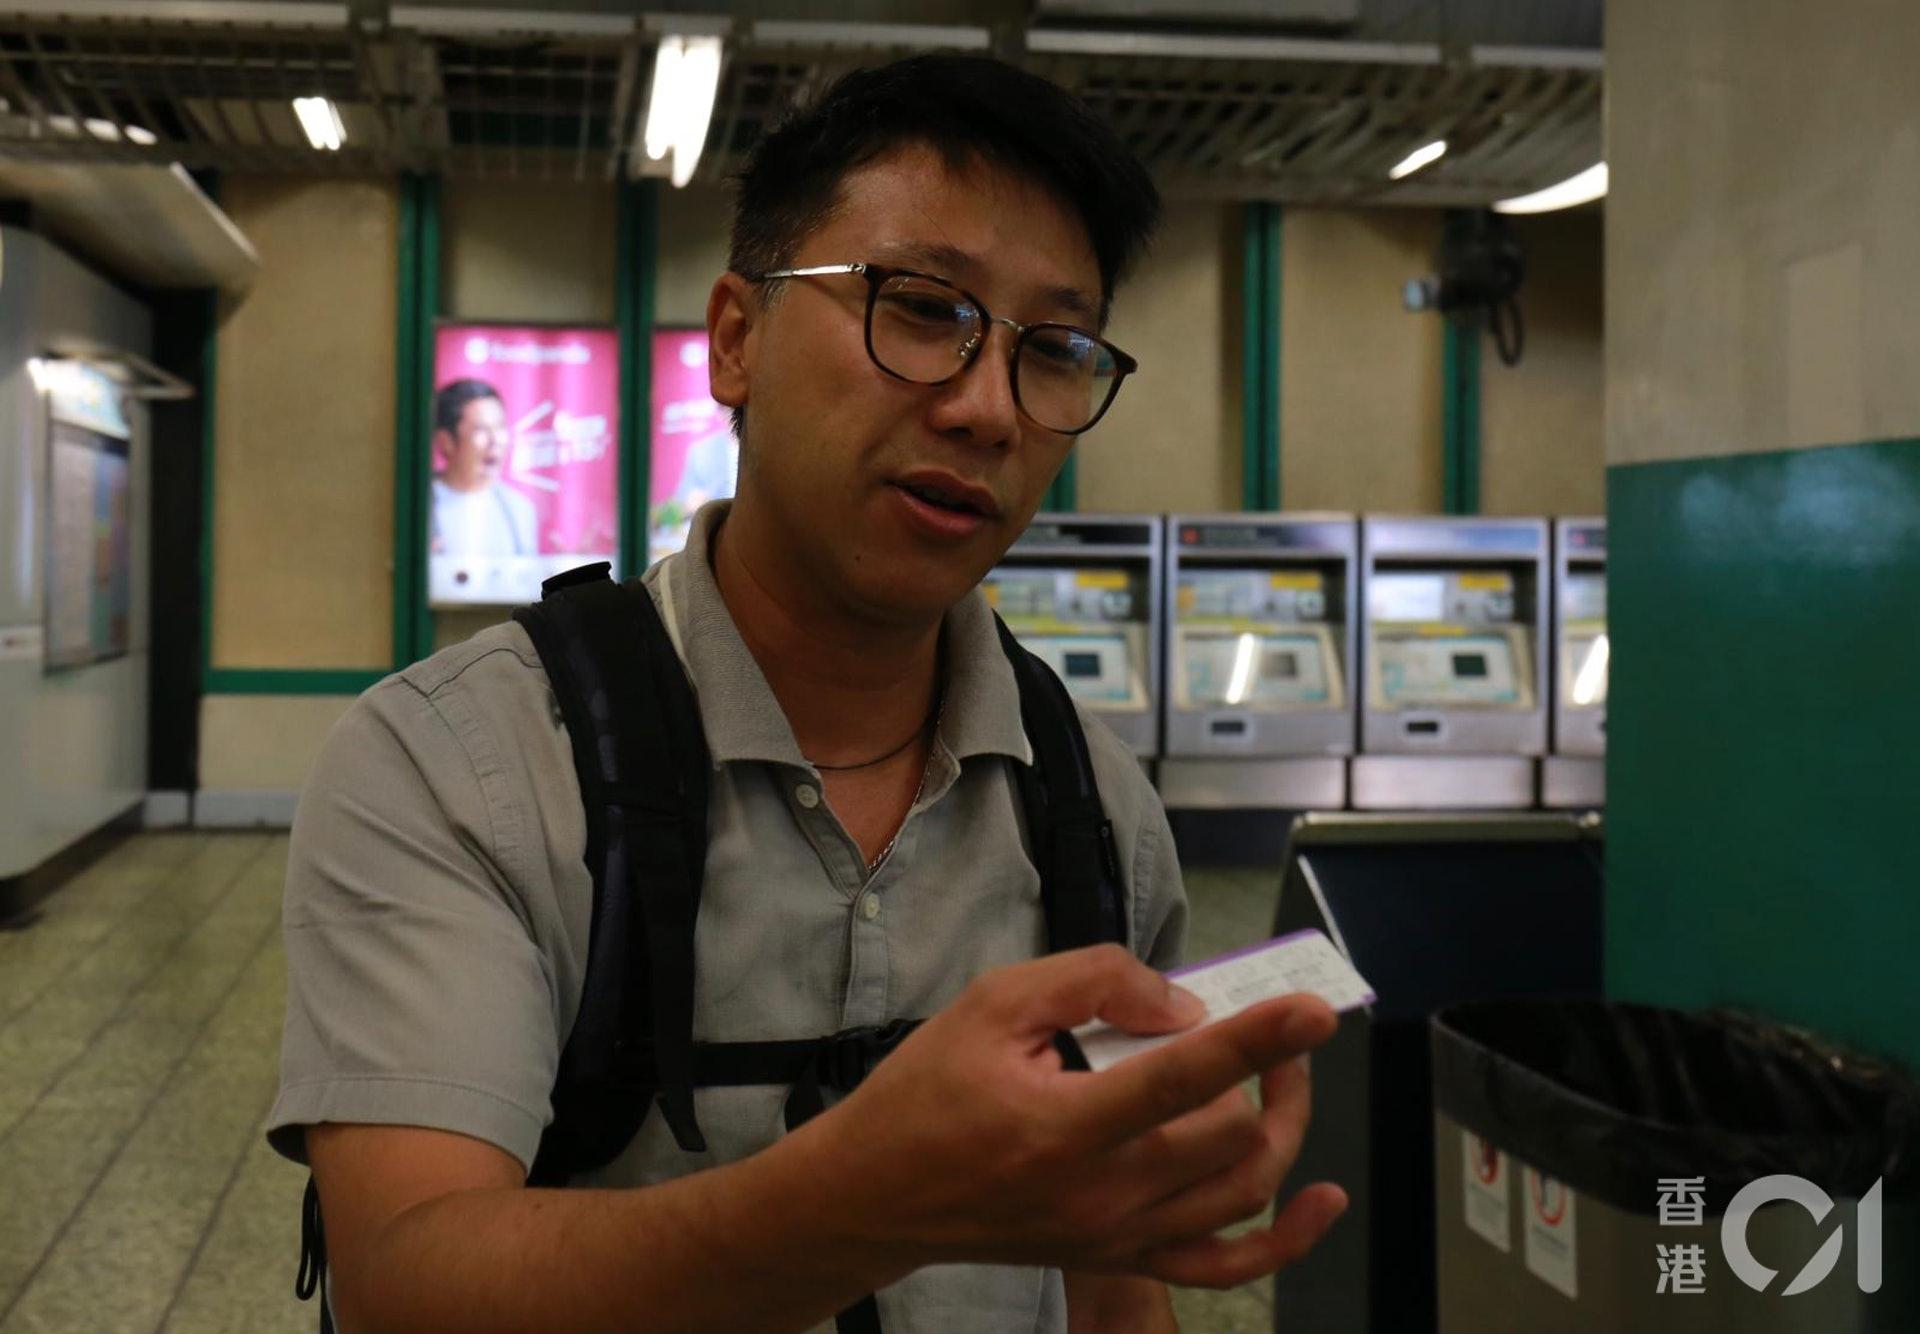 乘客劉先生的姆指及中指被黏上車票上的膠水。(陳諾希攝)